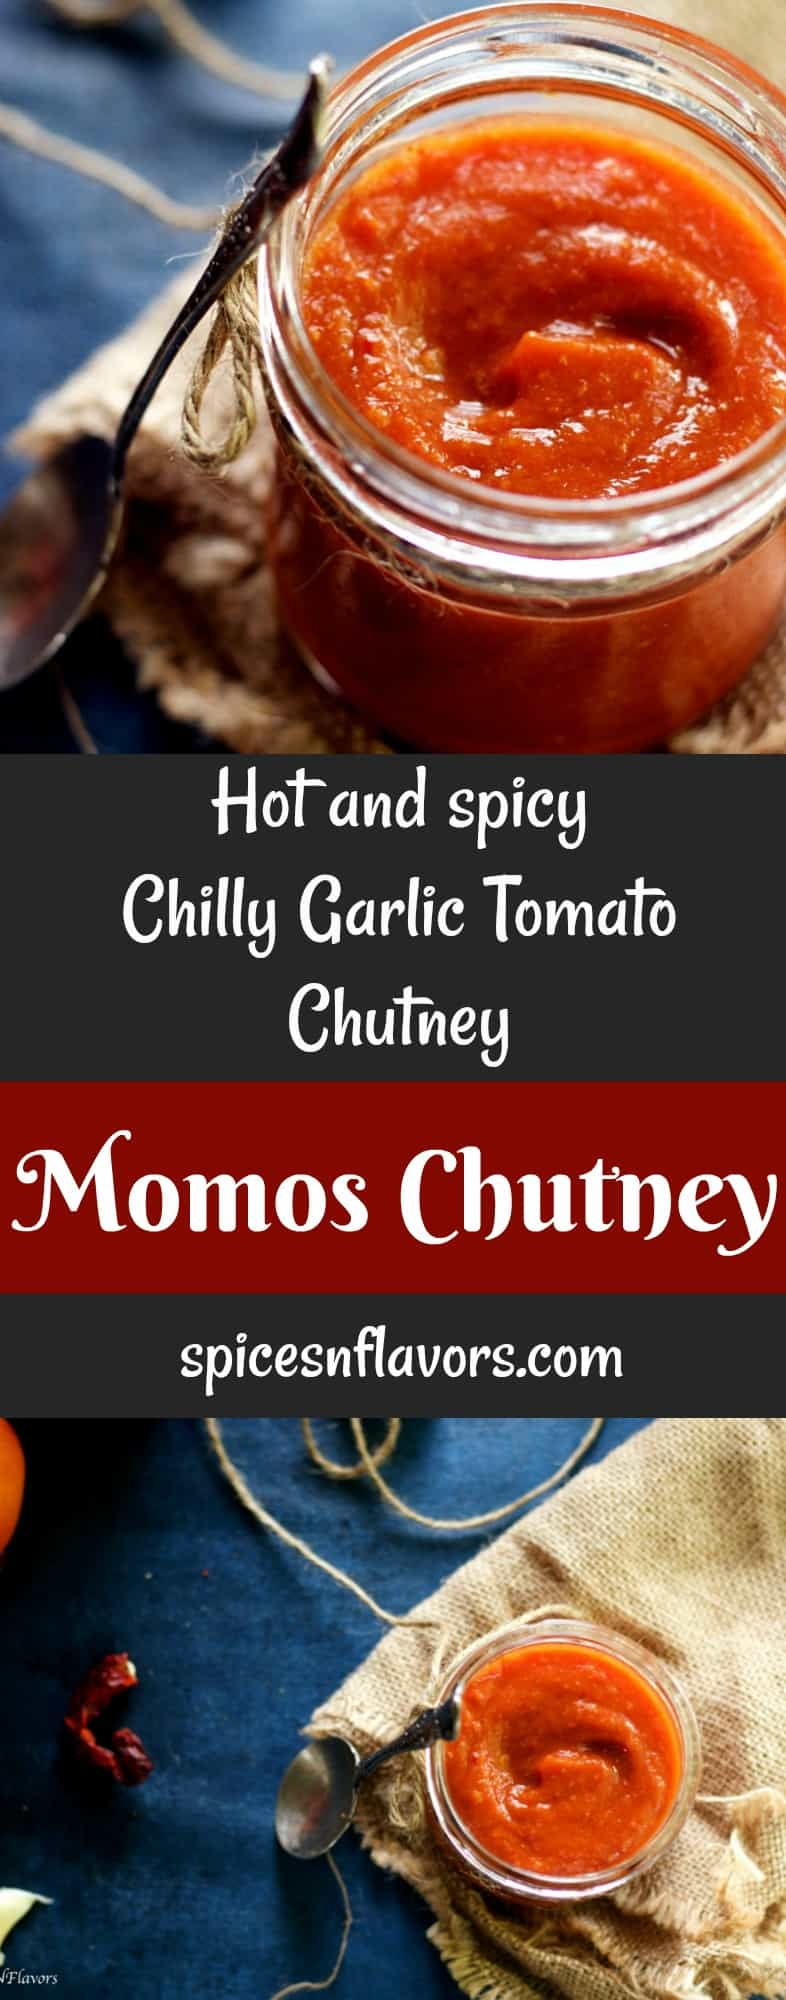 momos chutney spicy chilly tomato chutney recipe street food indian street food spicy momos spicy momos chutney recipe #pinterest #momoschutney #momos #vegetariandumpling